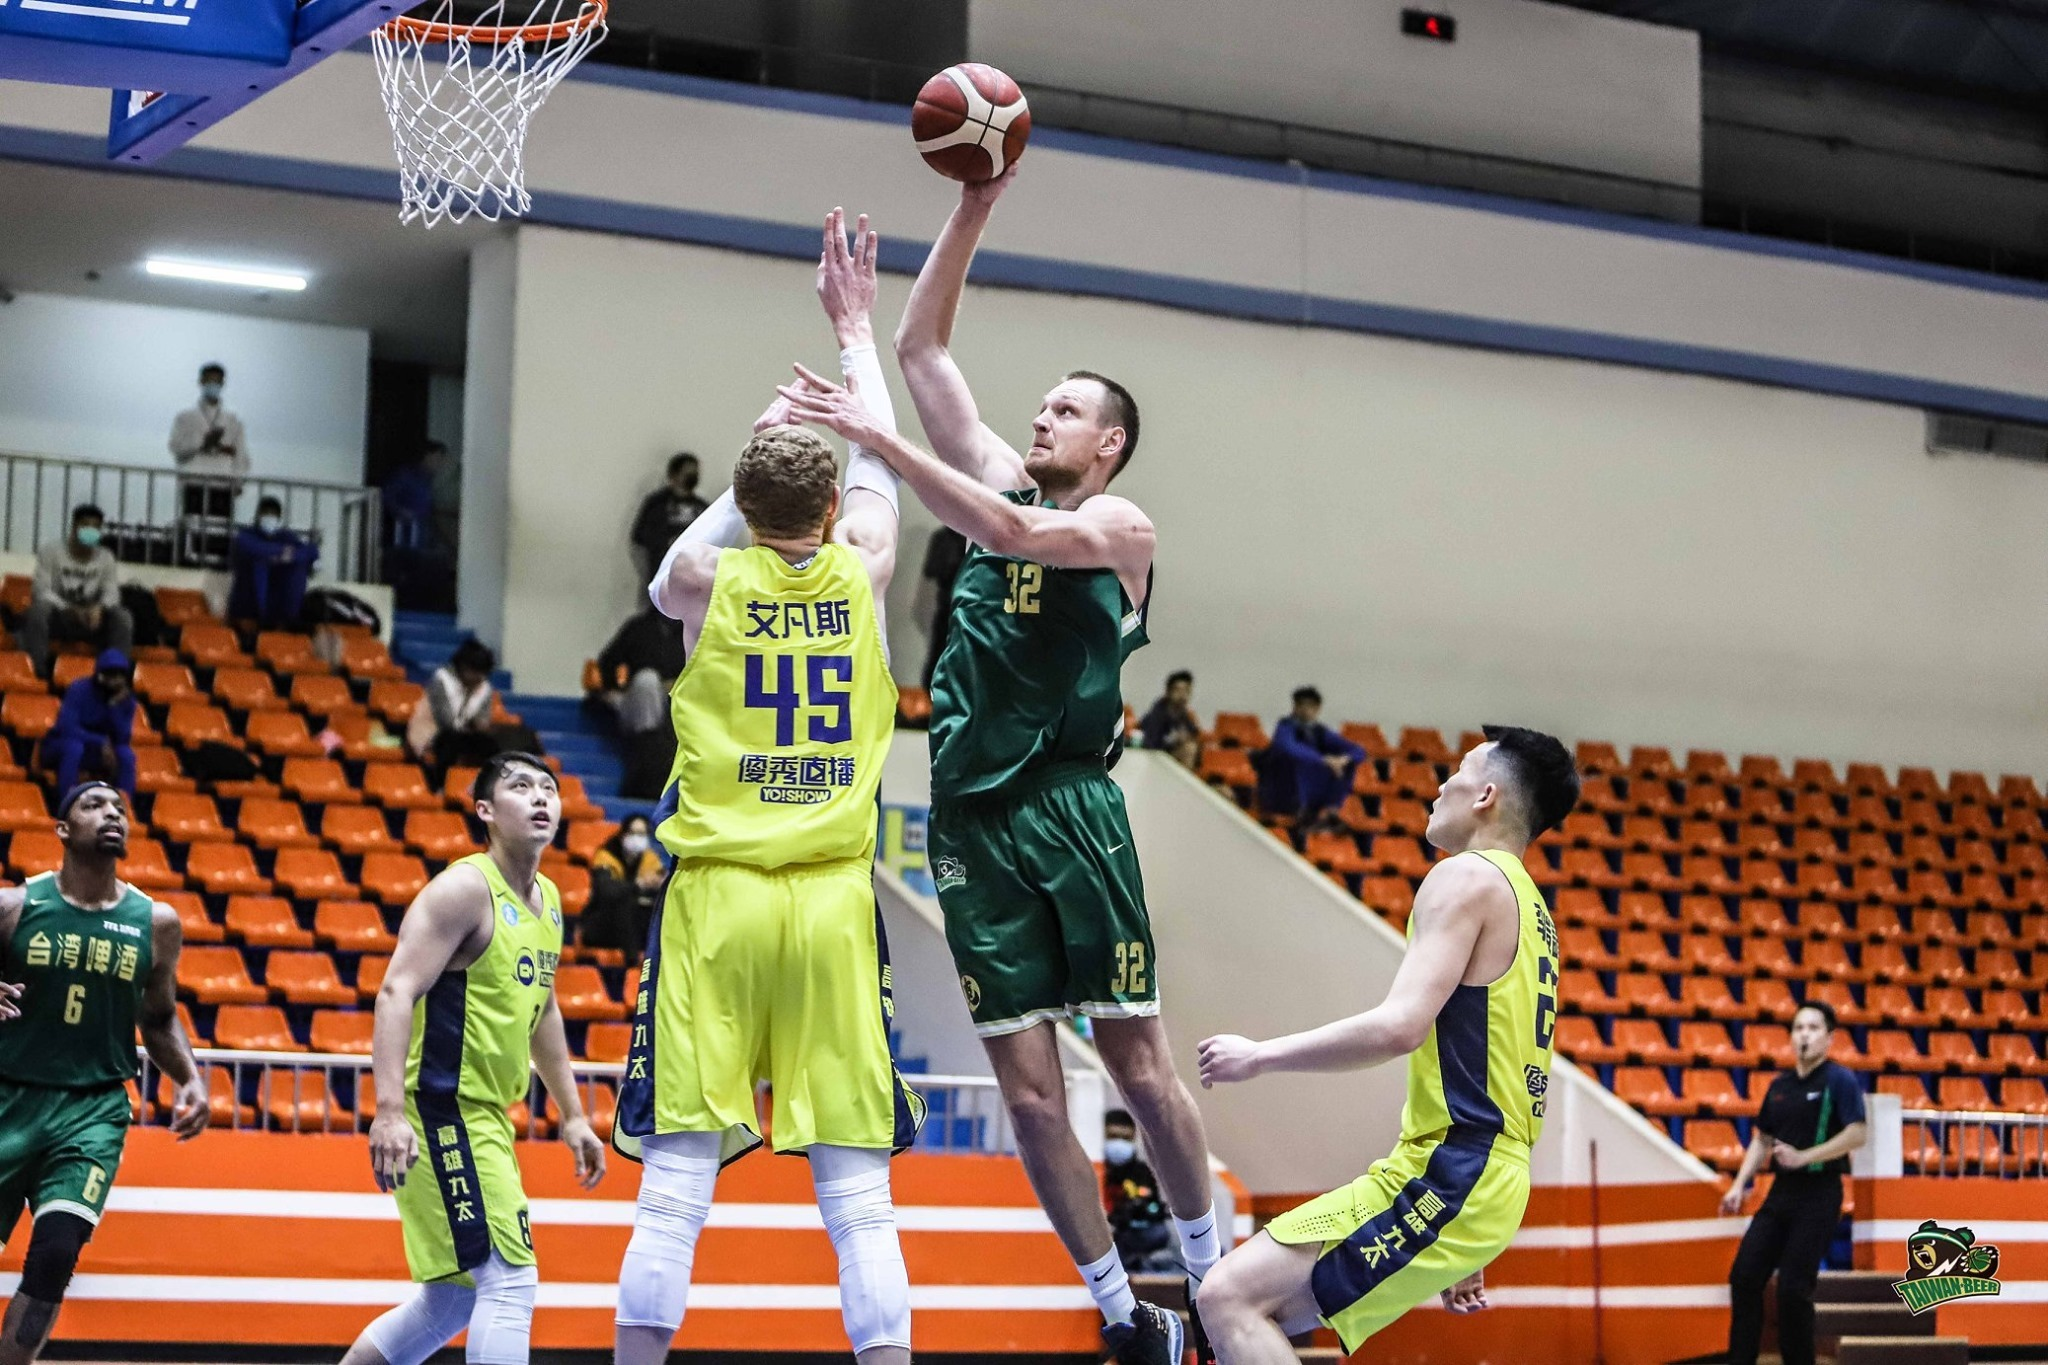 Ігор Зайцев провів два потужних матчі у чемпіонаті Тайваню